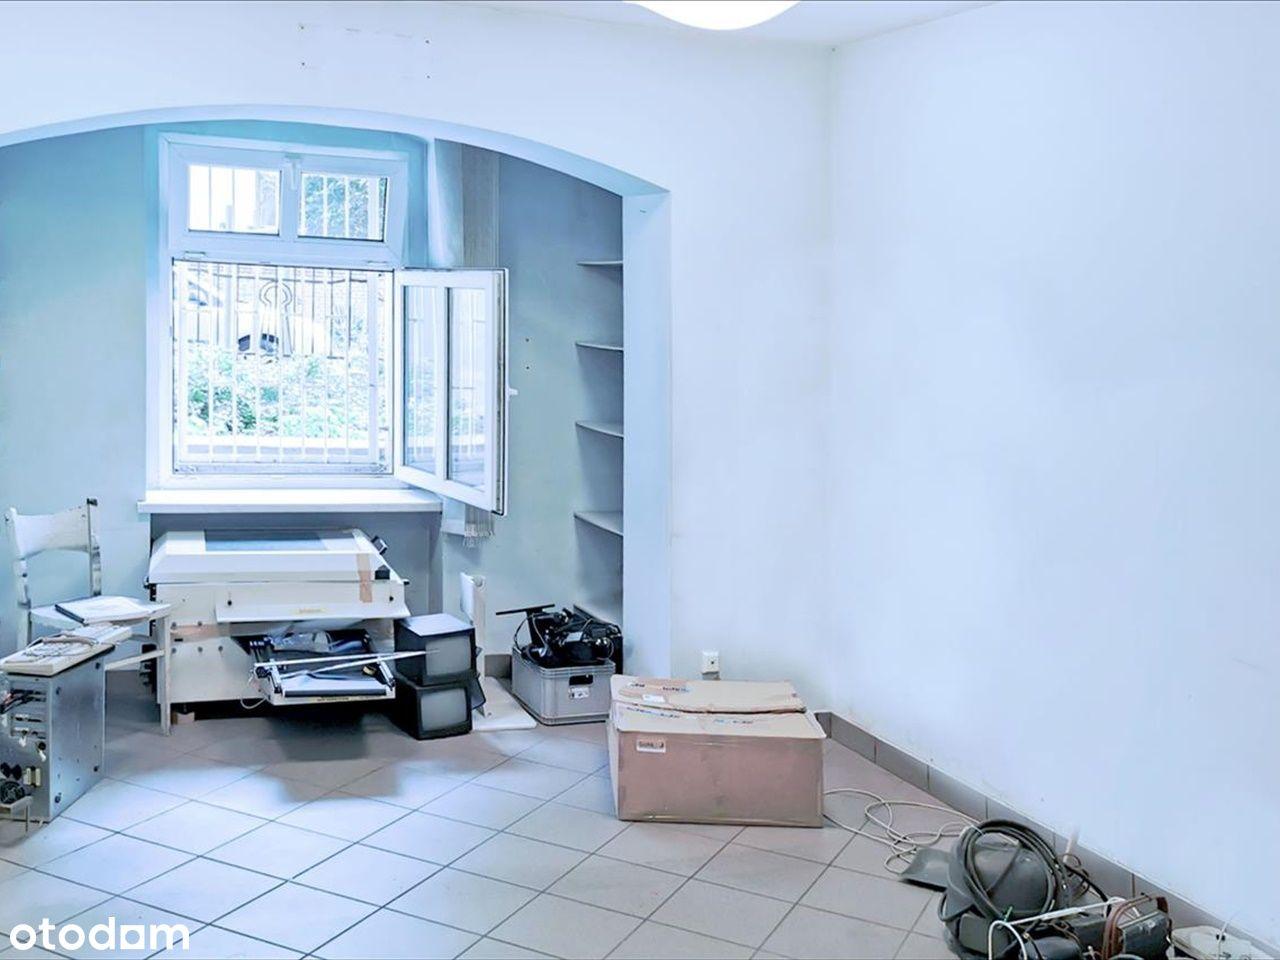 Lokal dla inwestora, centrum 3200zł/m2!! Hot !!!